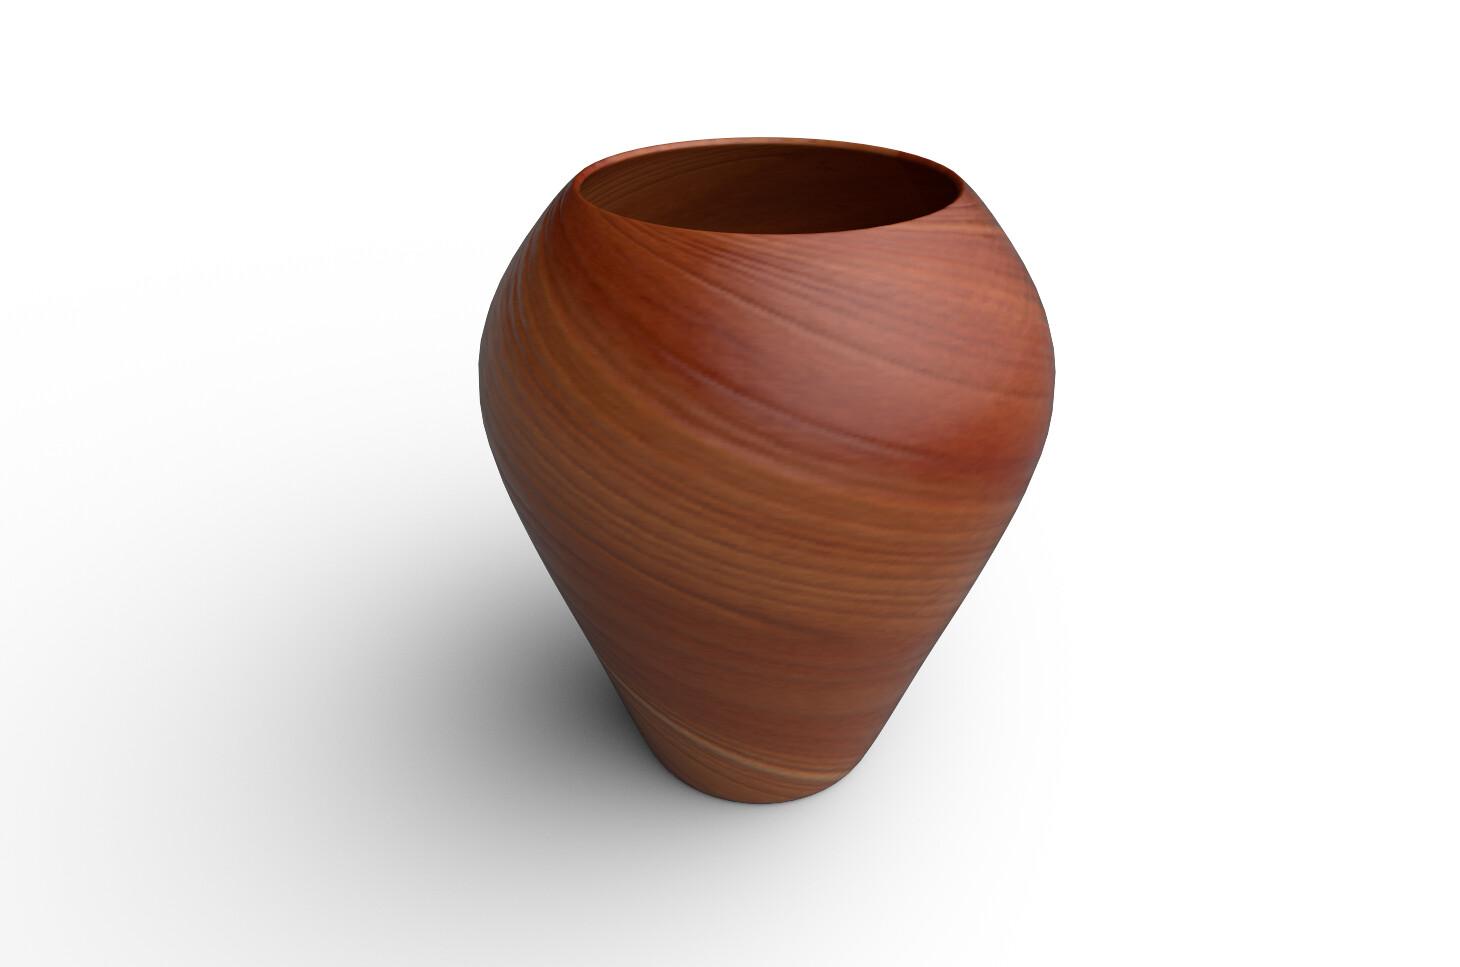 Joseph moniz vase005g